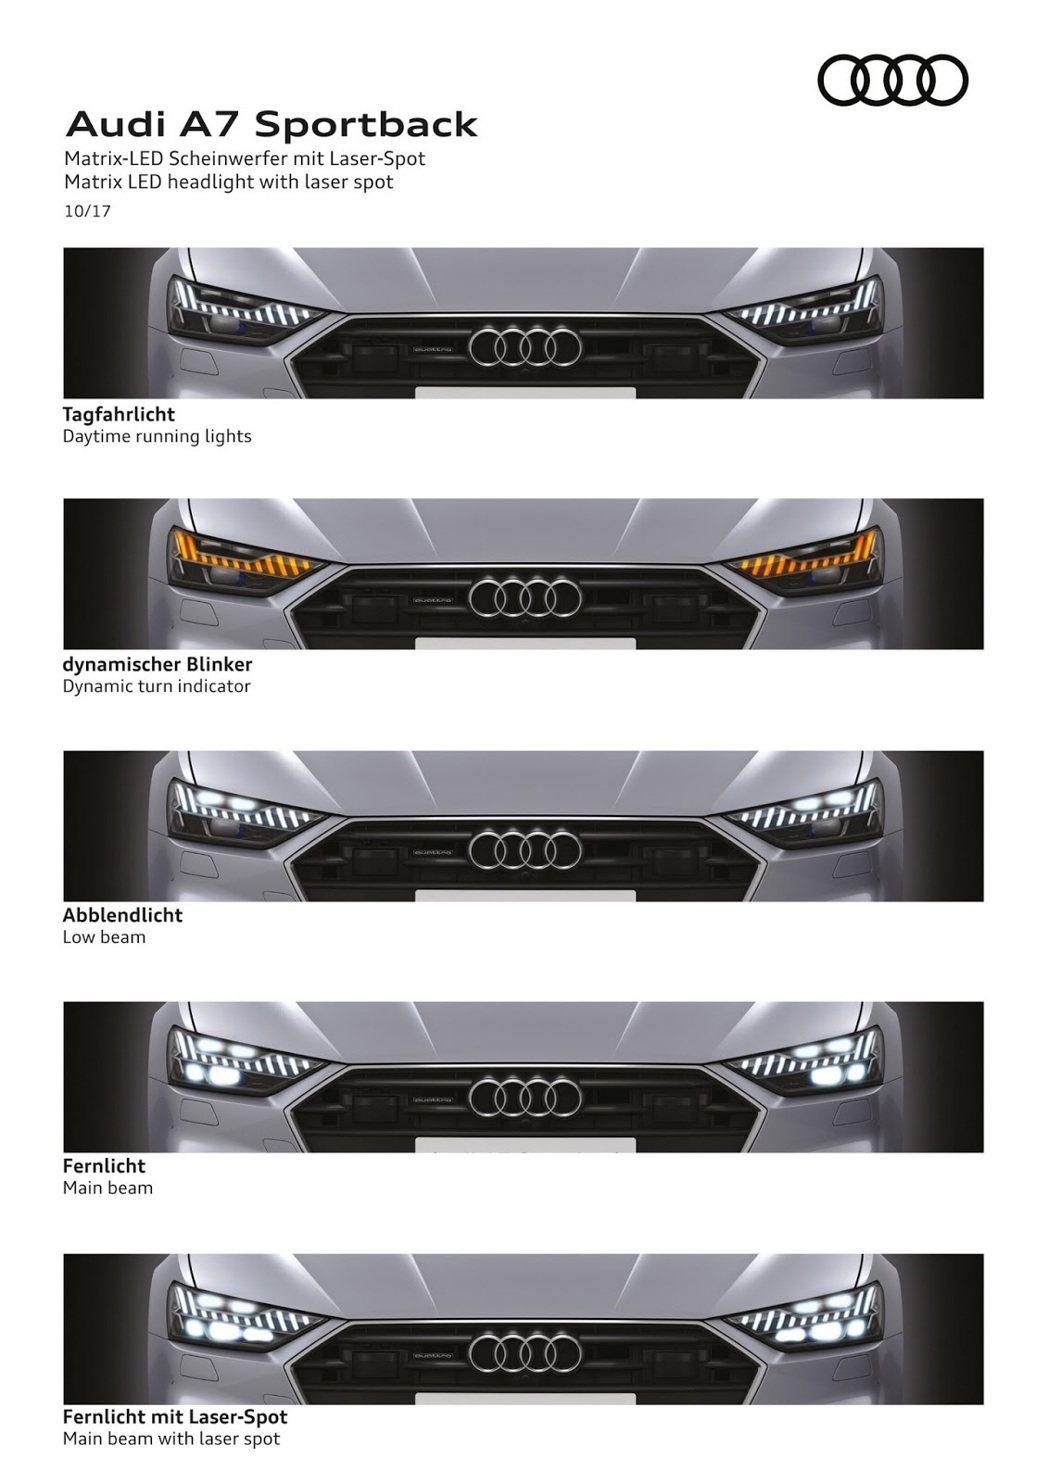 Audi A7 Sportback 頭燈展示說明。 摘自Audi